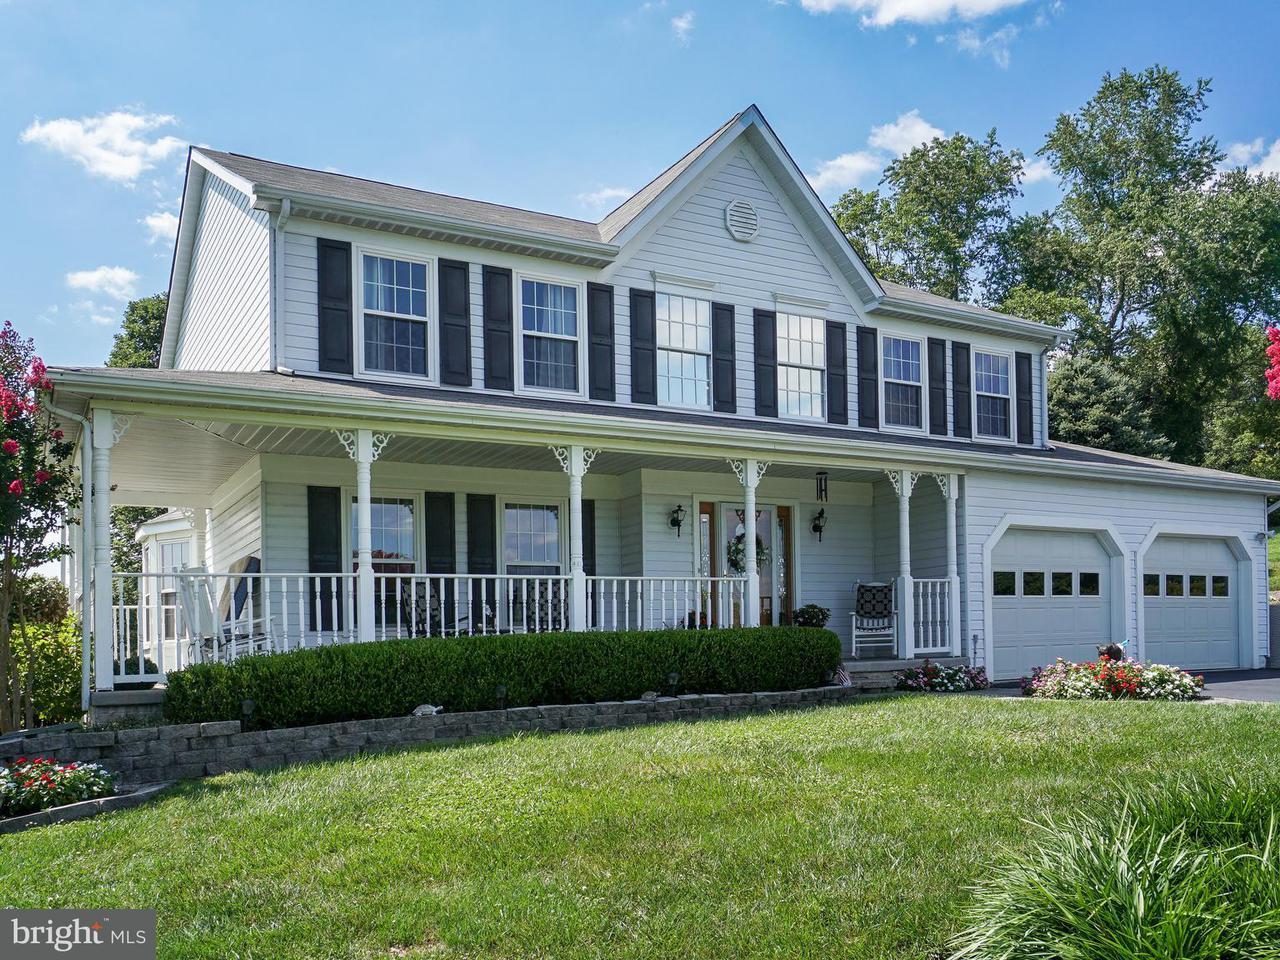 Μονοκατοικία για την Πώληση στο 3202 PEDDICOAT Court 3202 PEDDICOAT Court Woodstock, Μεριλαντ 21163 Ηνωμενεσ Πολιτειεσ